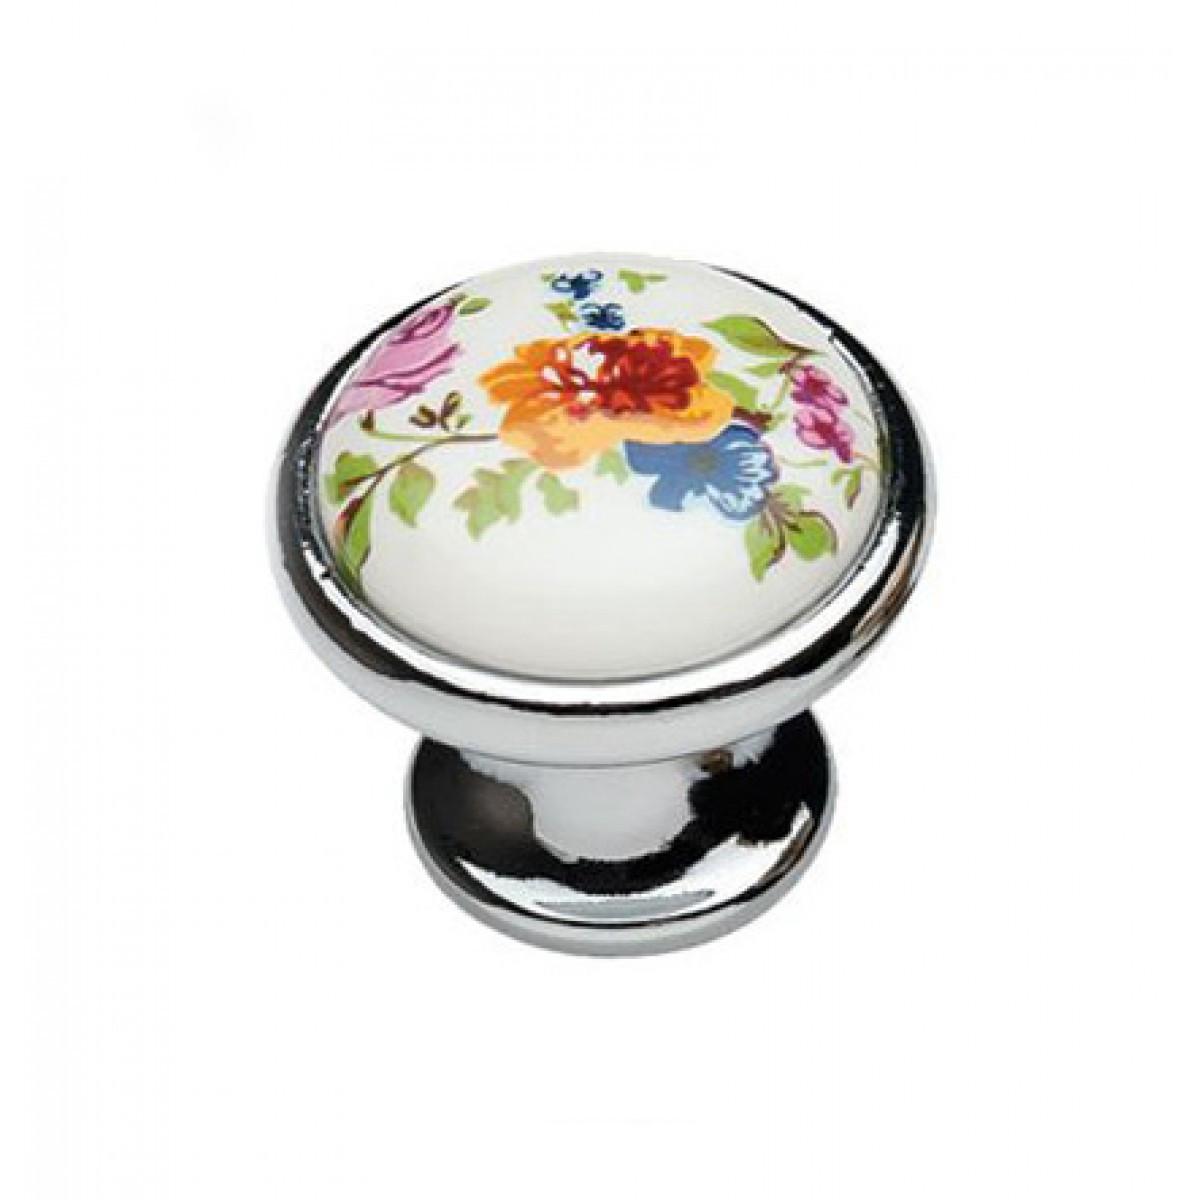 Ручка мебельная Ozkardesler 6072-06/42 керамика MONA DUGME PORSELEN Хром-Цветы